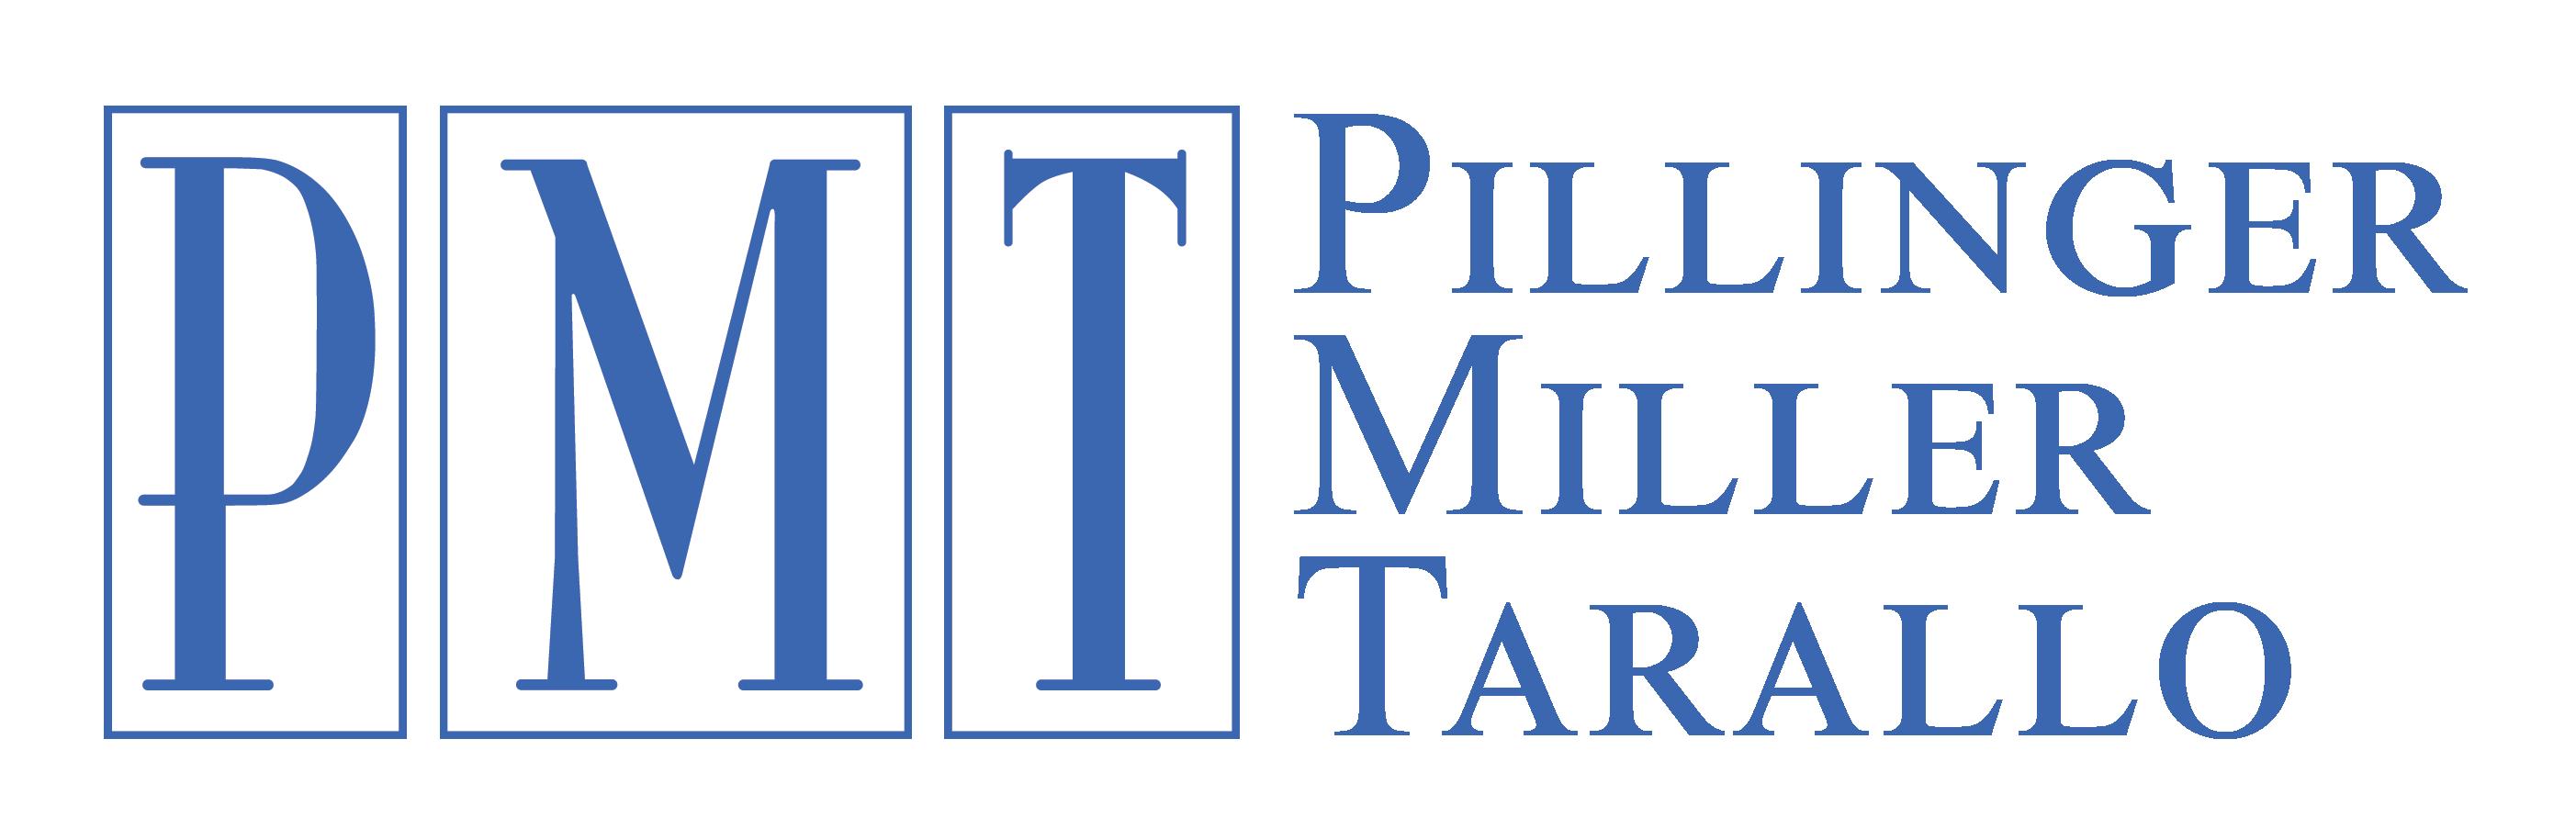 PMT Pillinger Miller Tarallo Logo